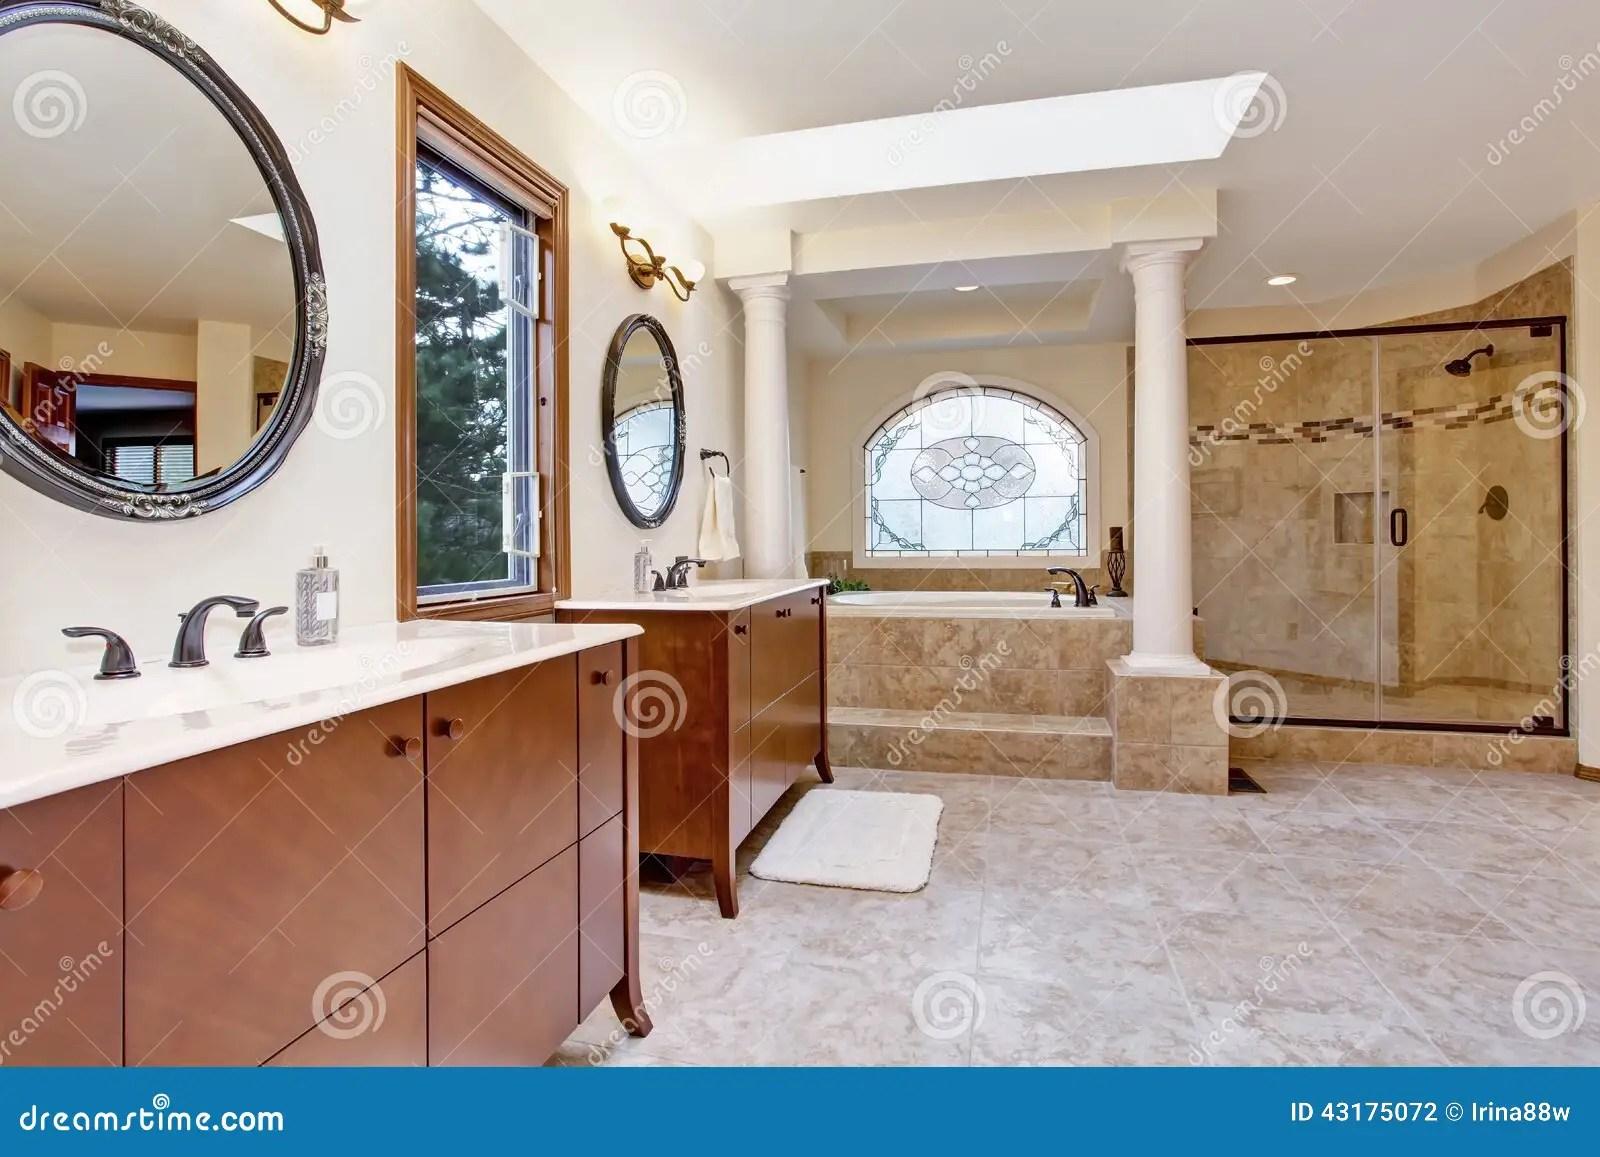 Luxury Bathroom Interior With Columns Stock Photo Image